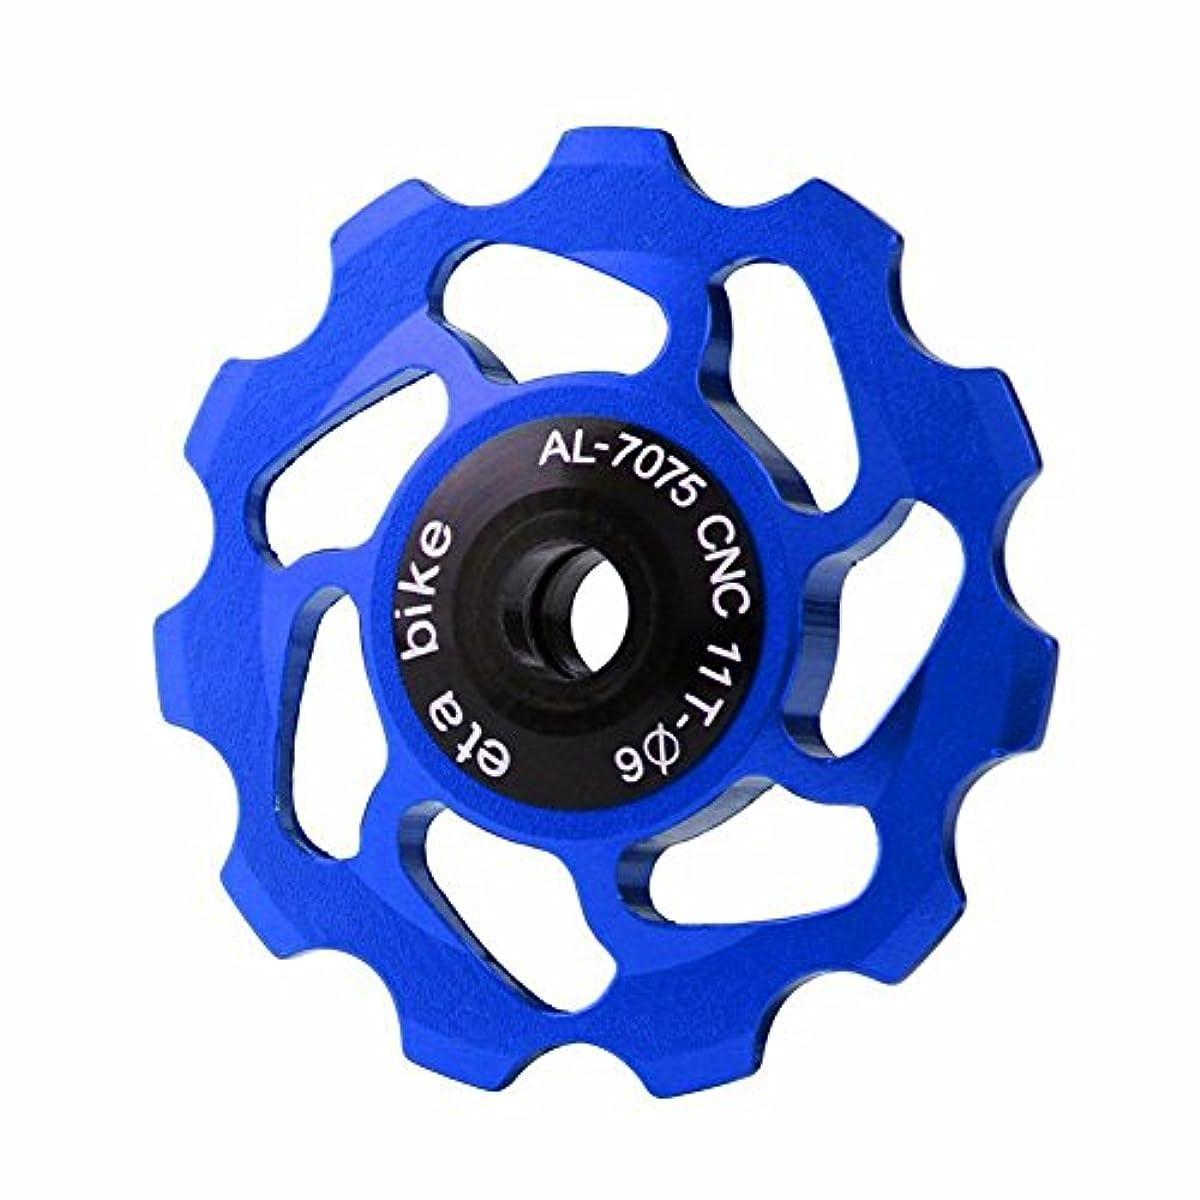 同封する家自分のジョッキーホイール リア ディレイラープーリー ガイドローラー ベアリング内蔵 プーリー セラミック 11T 7S/8S/9S/10S自転車 自転車後ガイドホイール アルミ合金 軽量 耐久性 ー 色選択可